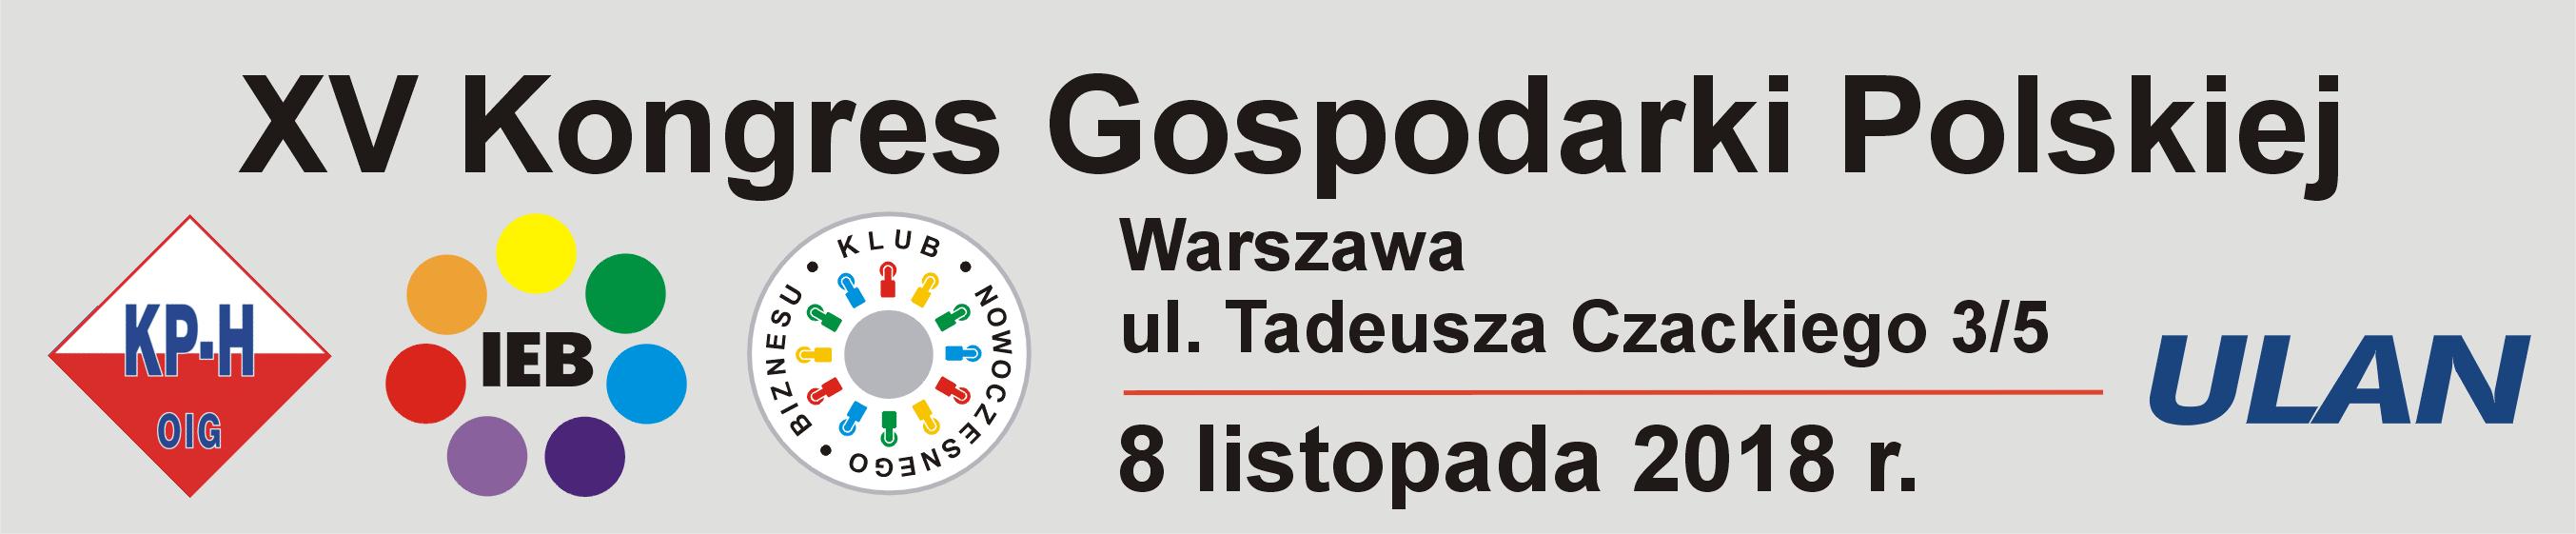 http://europejskafirma.pl/pliki/2018/06/XV-Kongres-Gospodarki-Polskiej-8-listopada-2018-baner.jpg